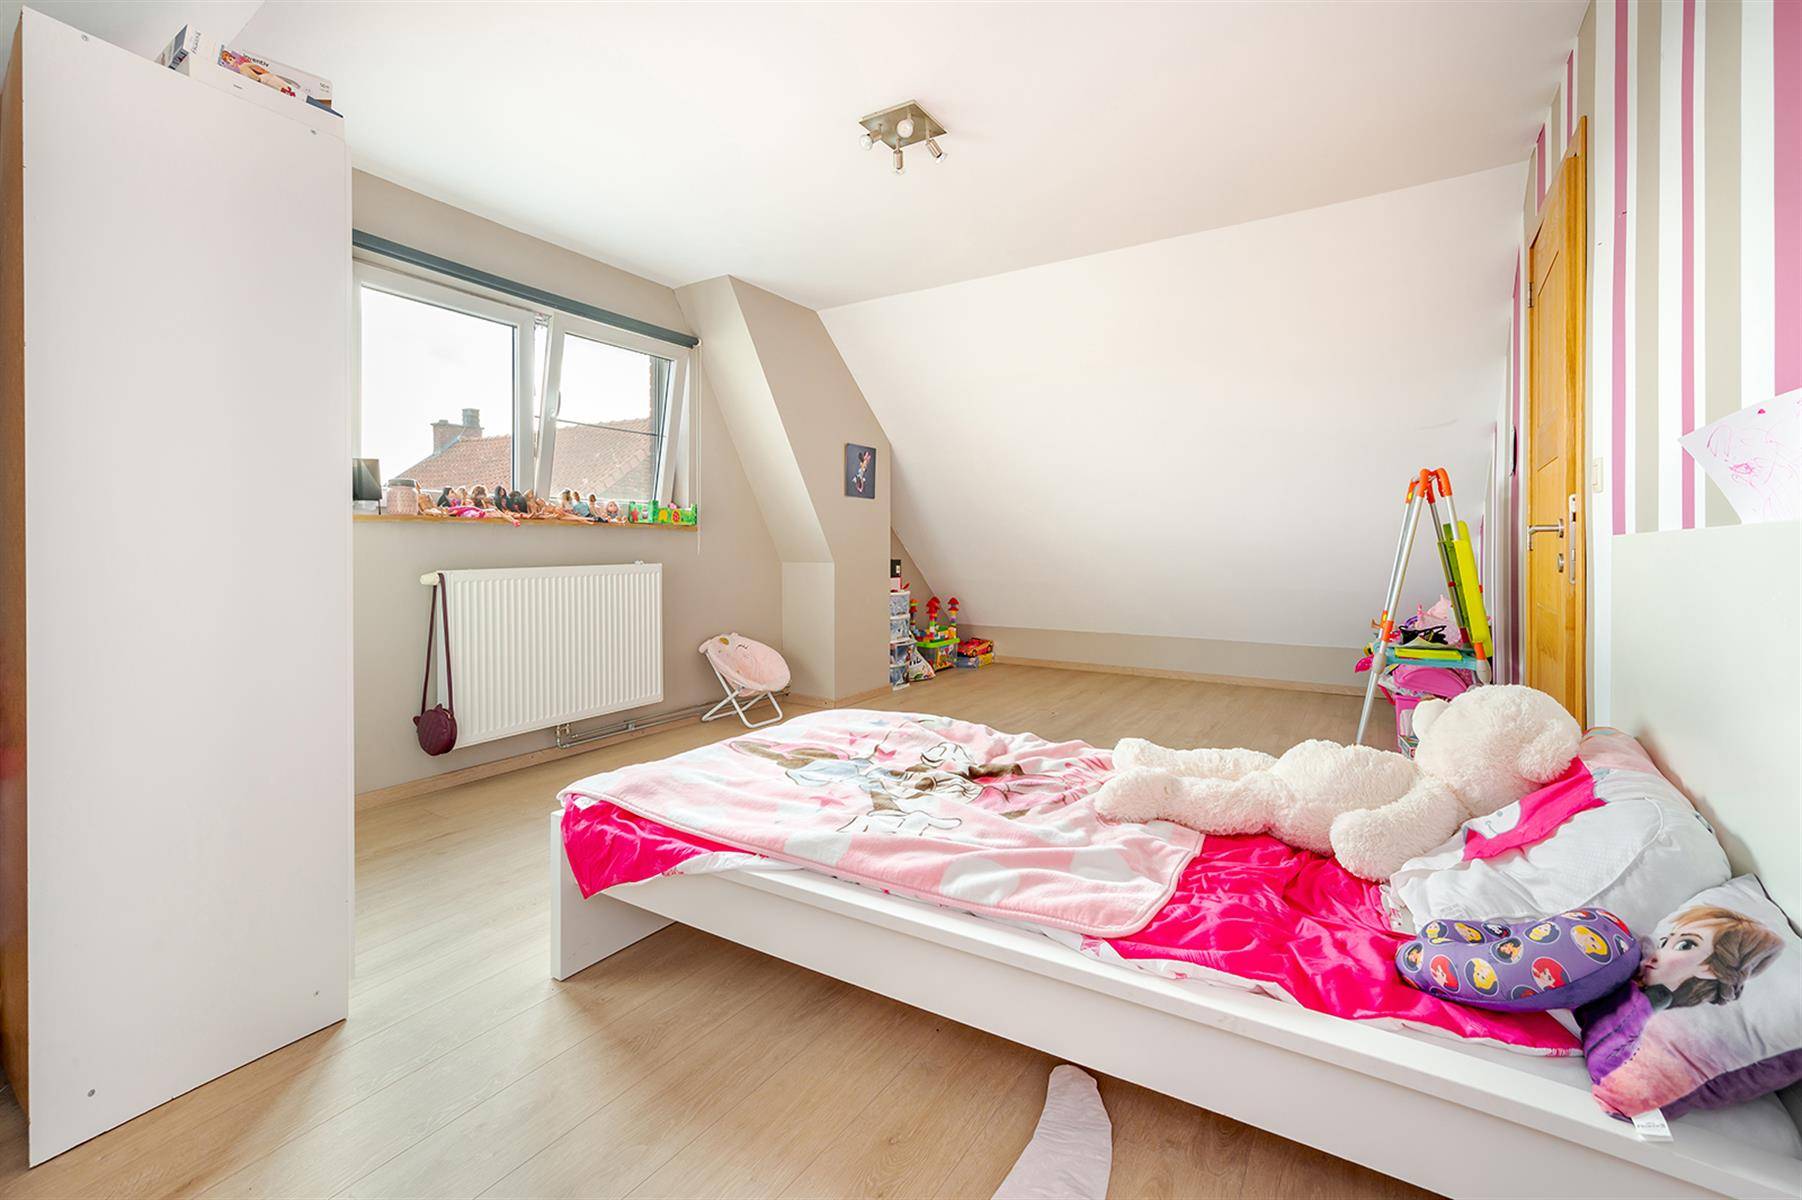 Maison unifamiliale - Villersle-Bouillet - #4412229-10